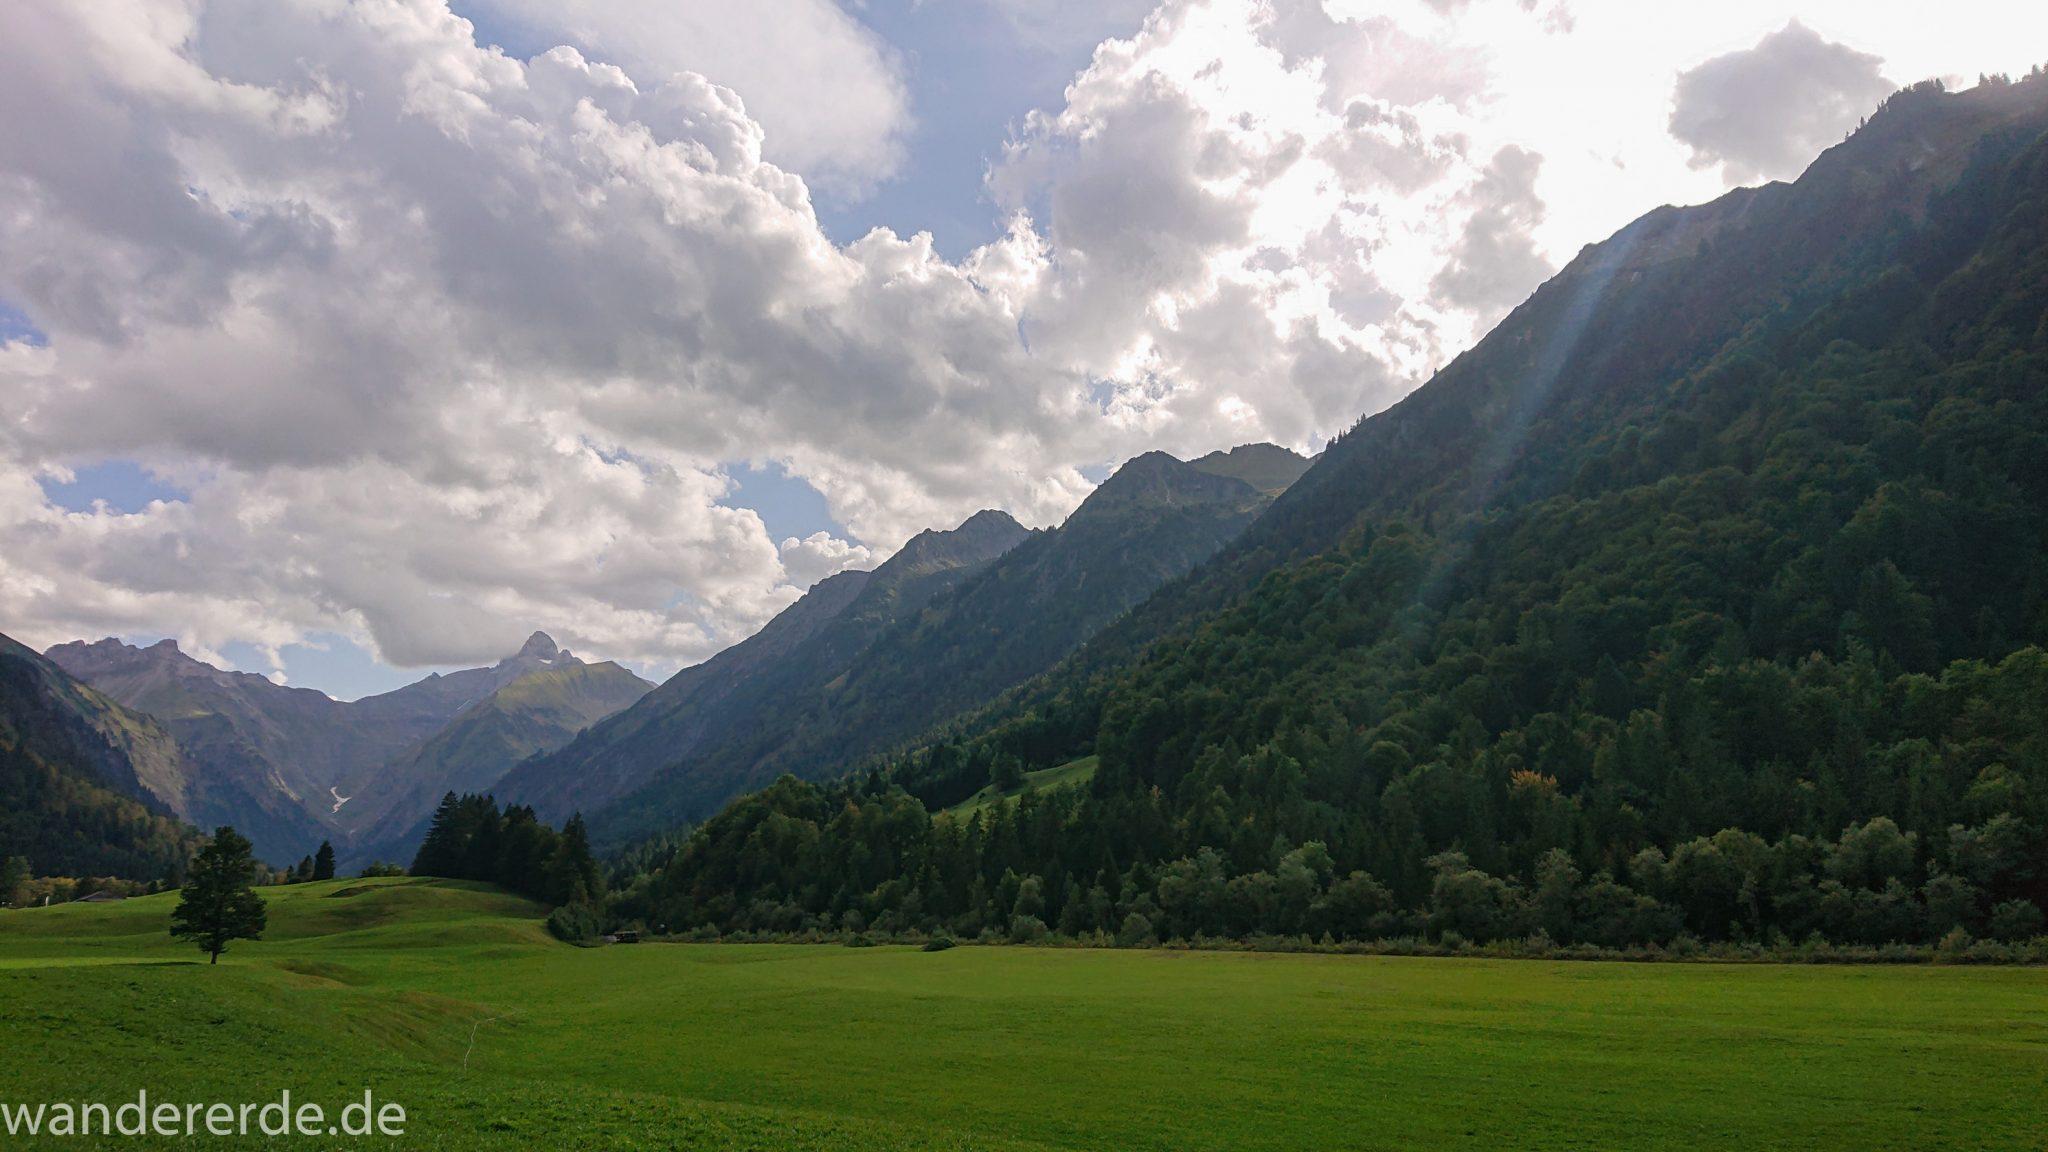 Alpenüberquerung Fernwanderweg E5 Oberstdorf Meran, 1. Etappe von Oberstdorf zur Kemptner Hütte, Wanderweg von Oberstdorf zur Spielmannsau führt entlang saftig grüner Wiesen im Allgäu umgeben von grünem Wald, Aussicht auf die Berge im Allgäu